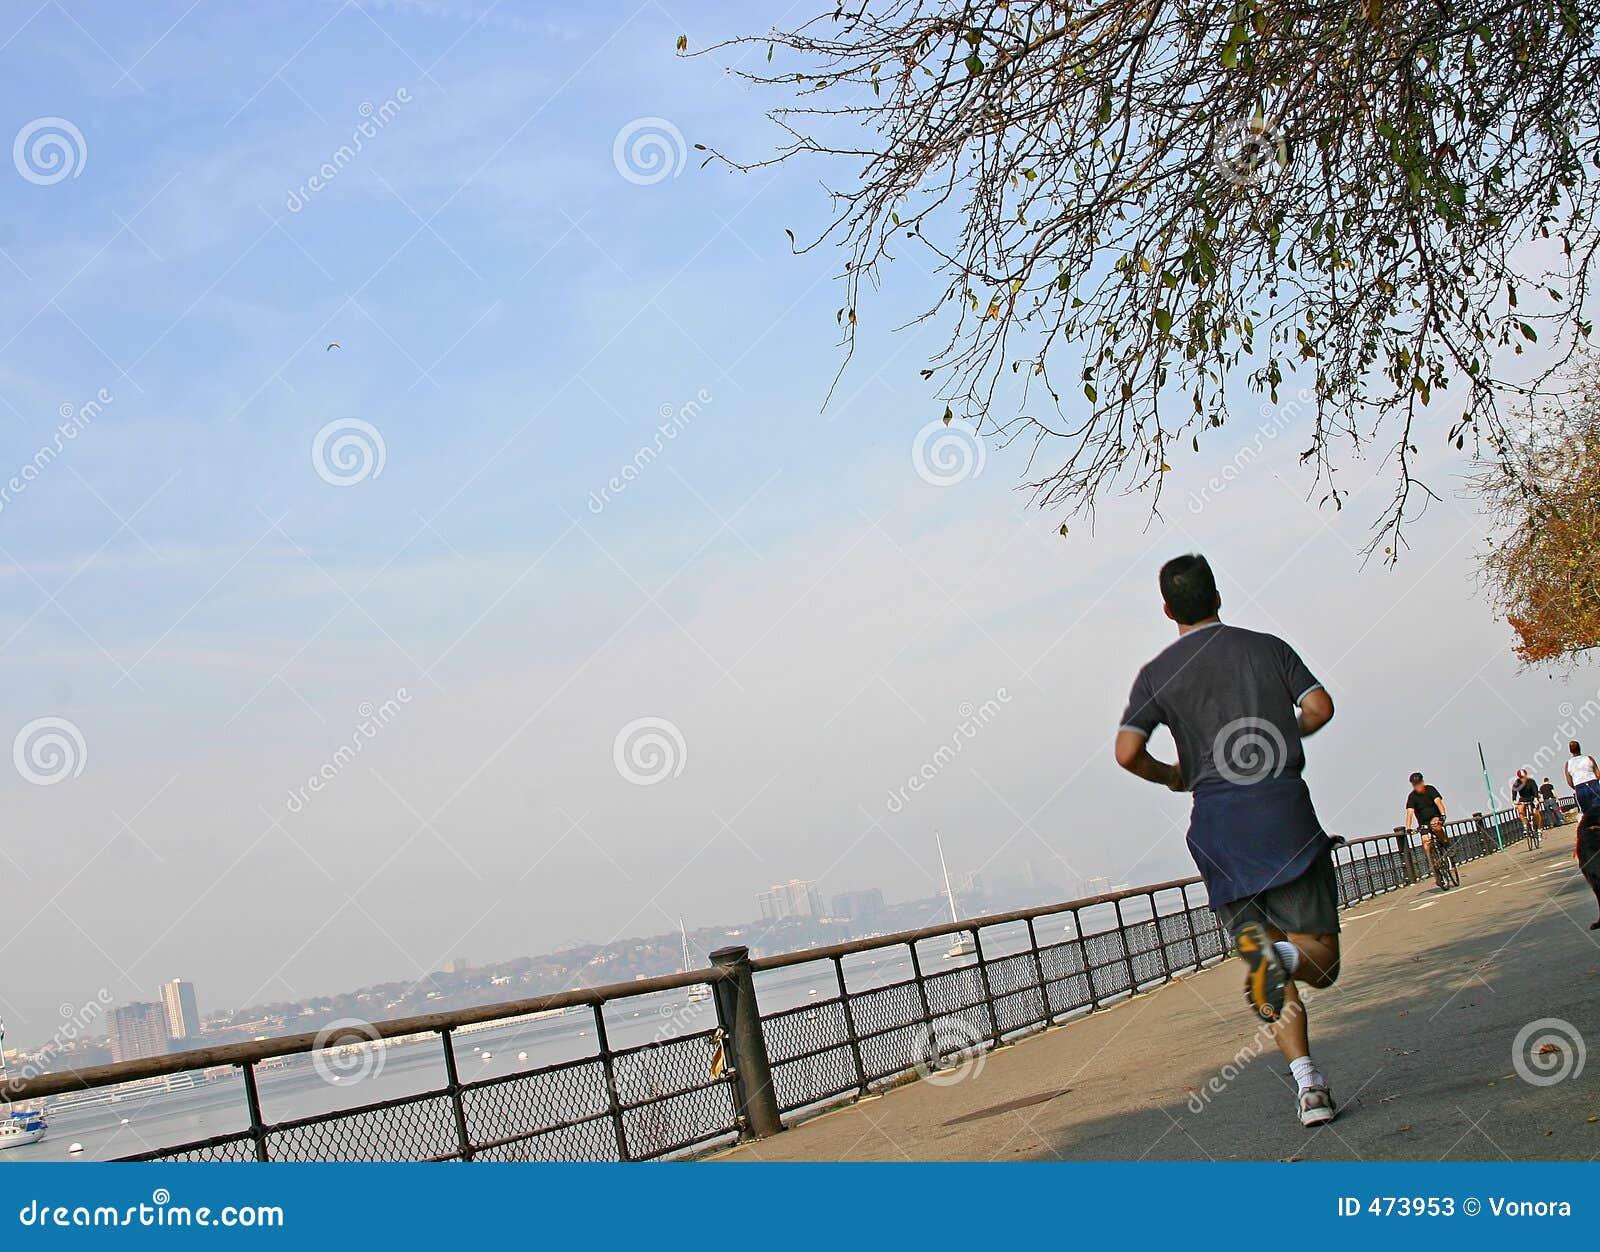 Run along a river